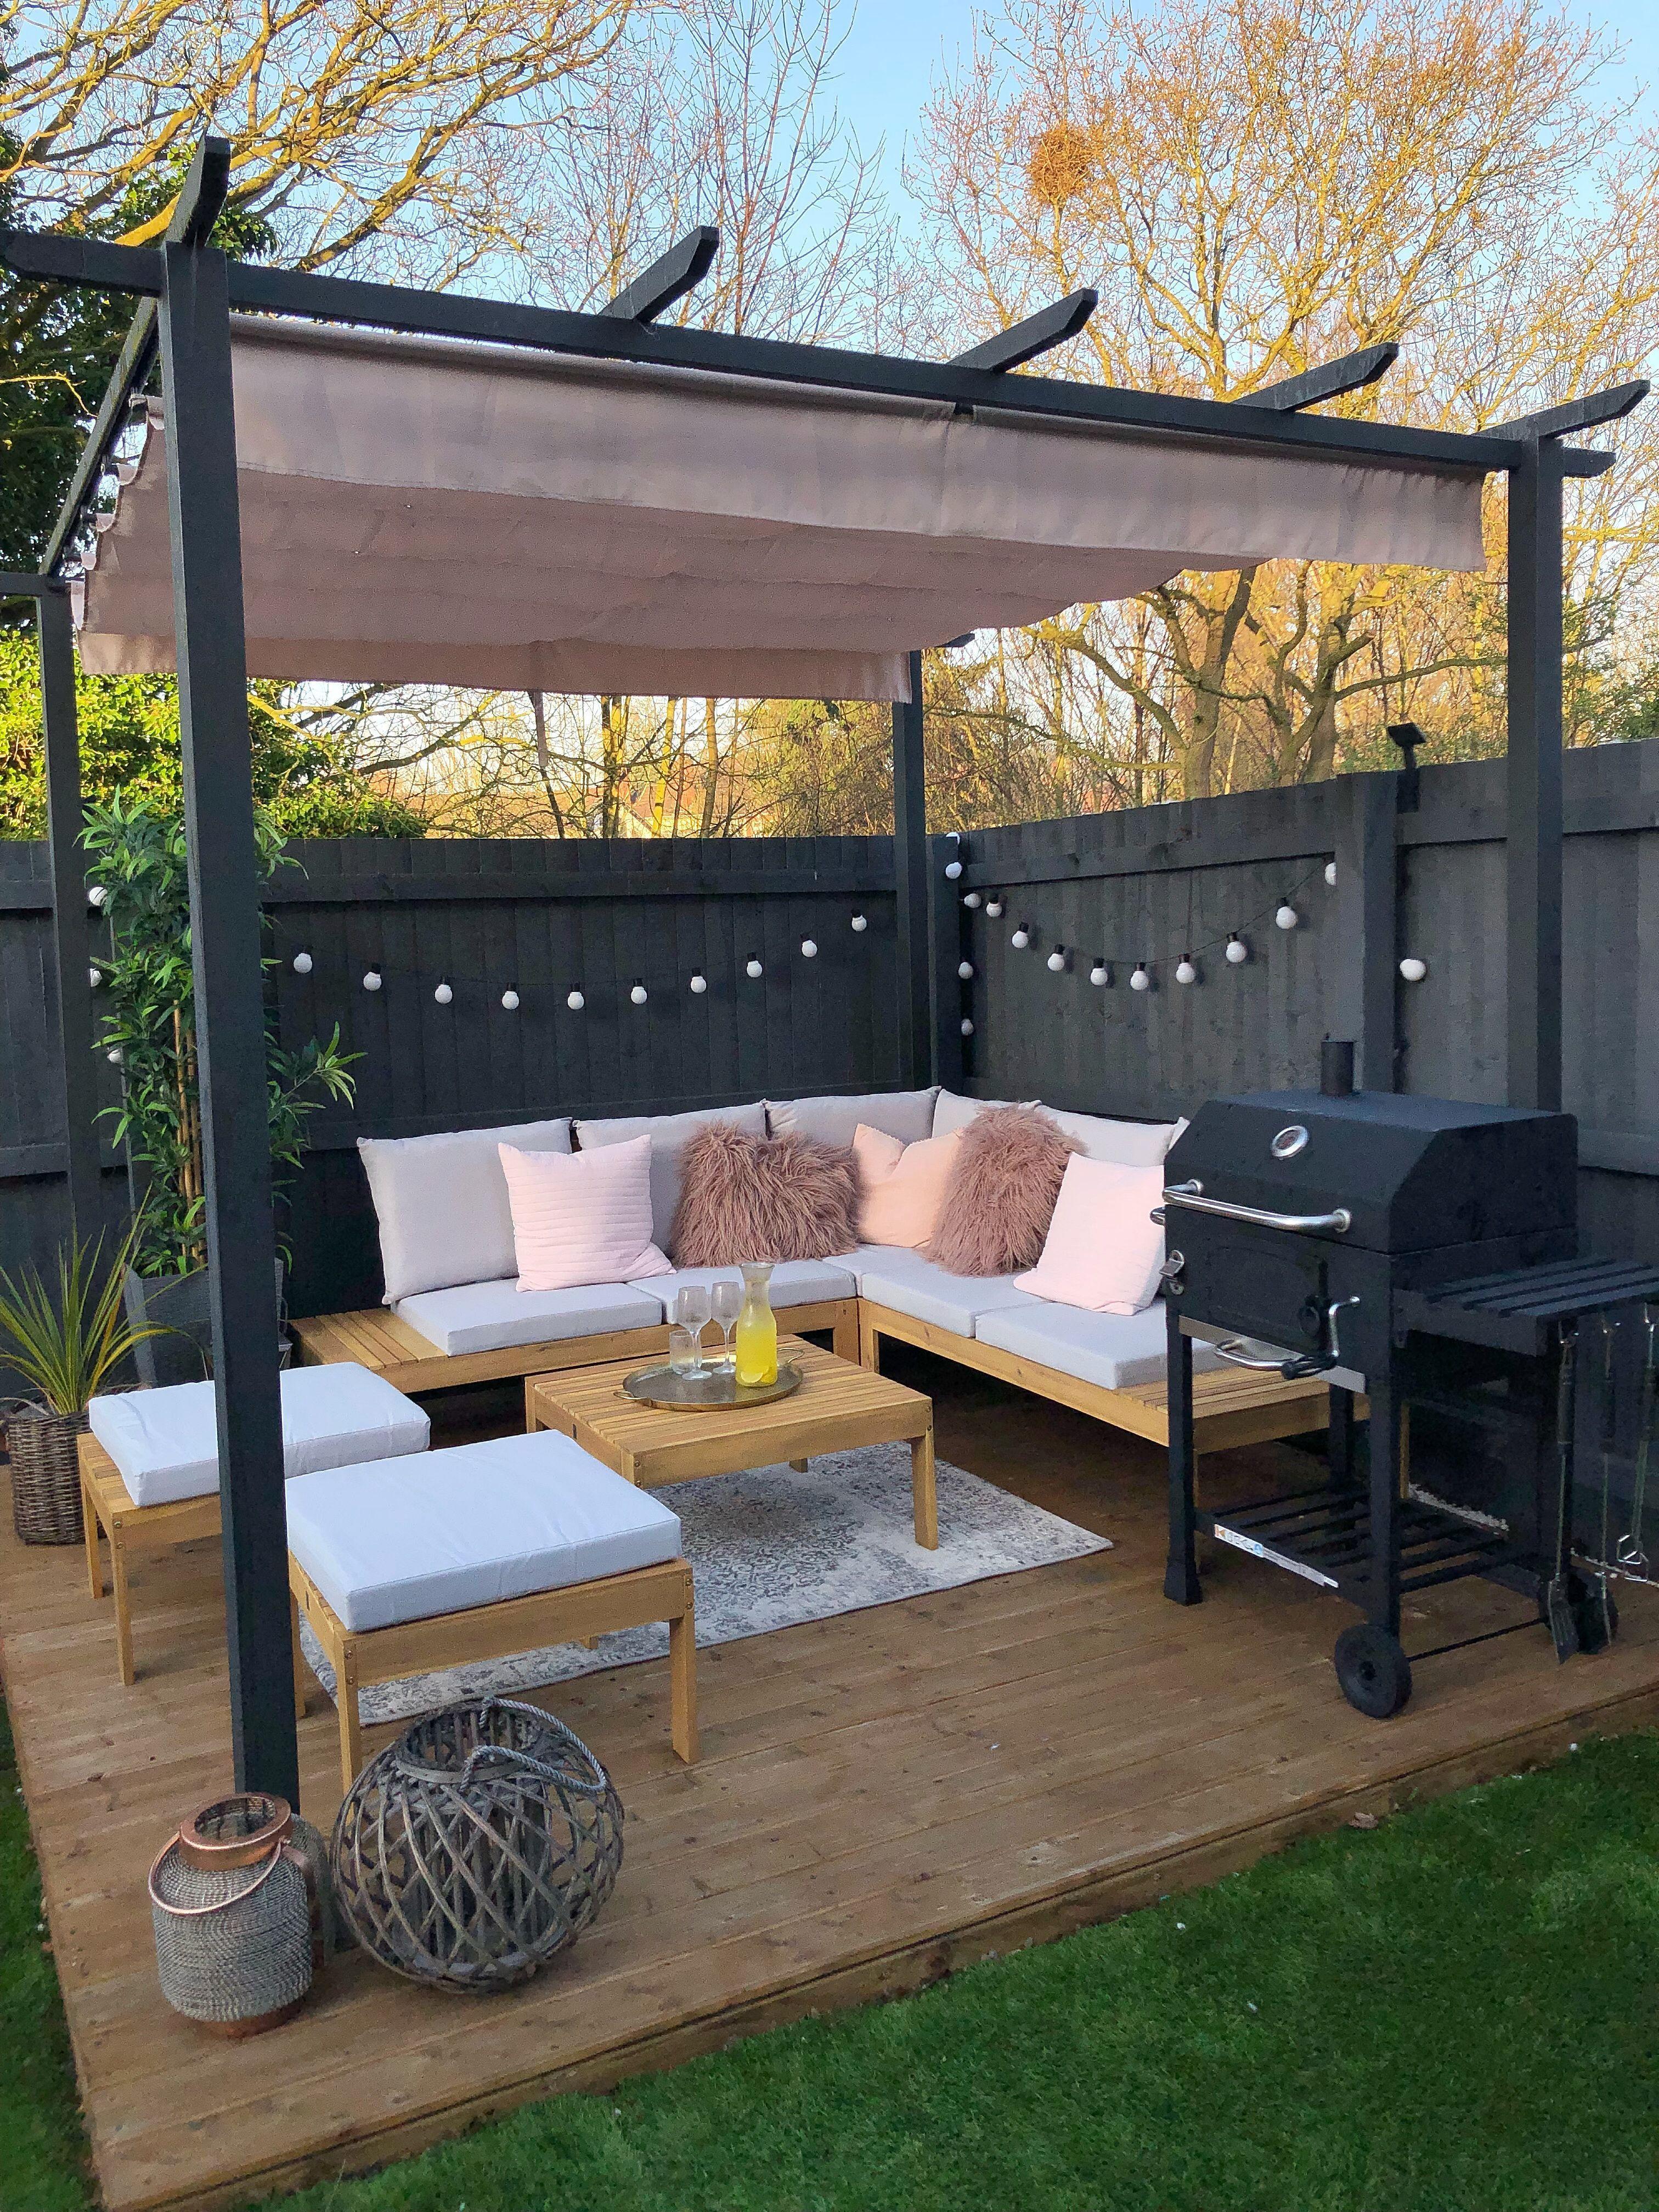 Photo of Treinta y un #outdoor #sitting área de asientos al aire libre, diseño de señalización al aire libre, fuera …